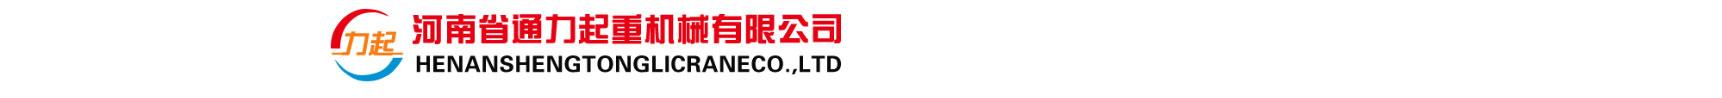 河南省通力起重機械有限公司